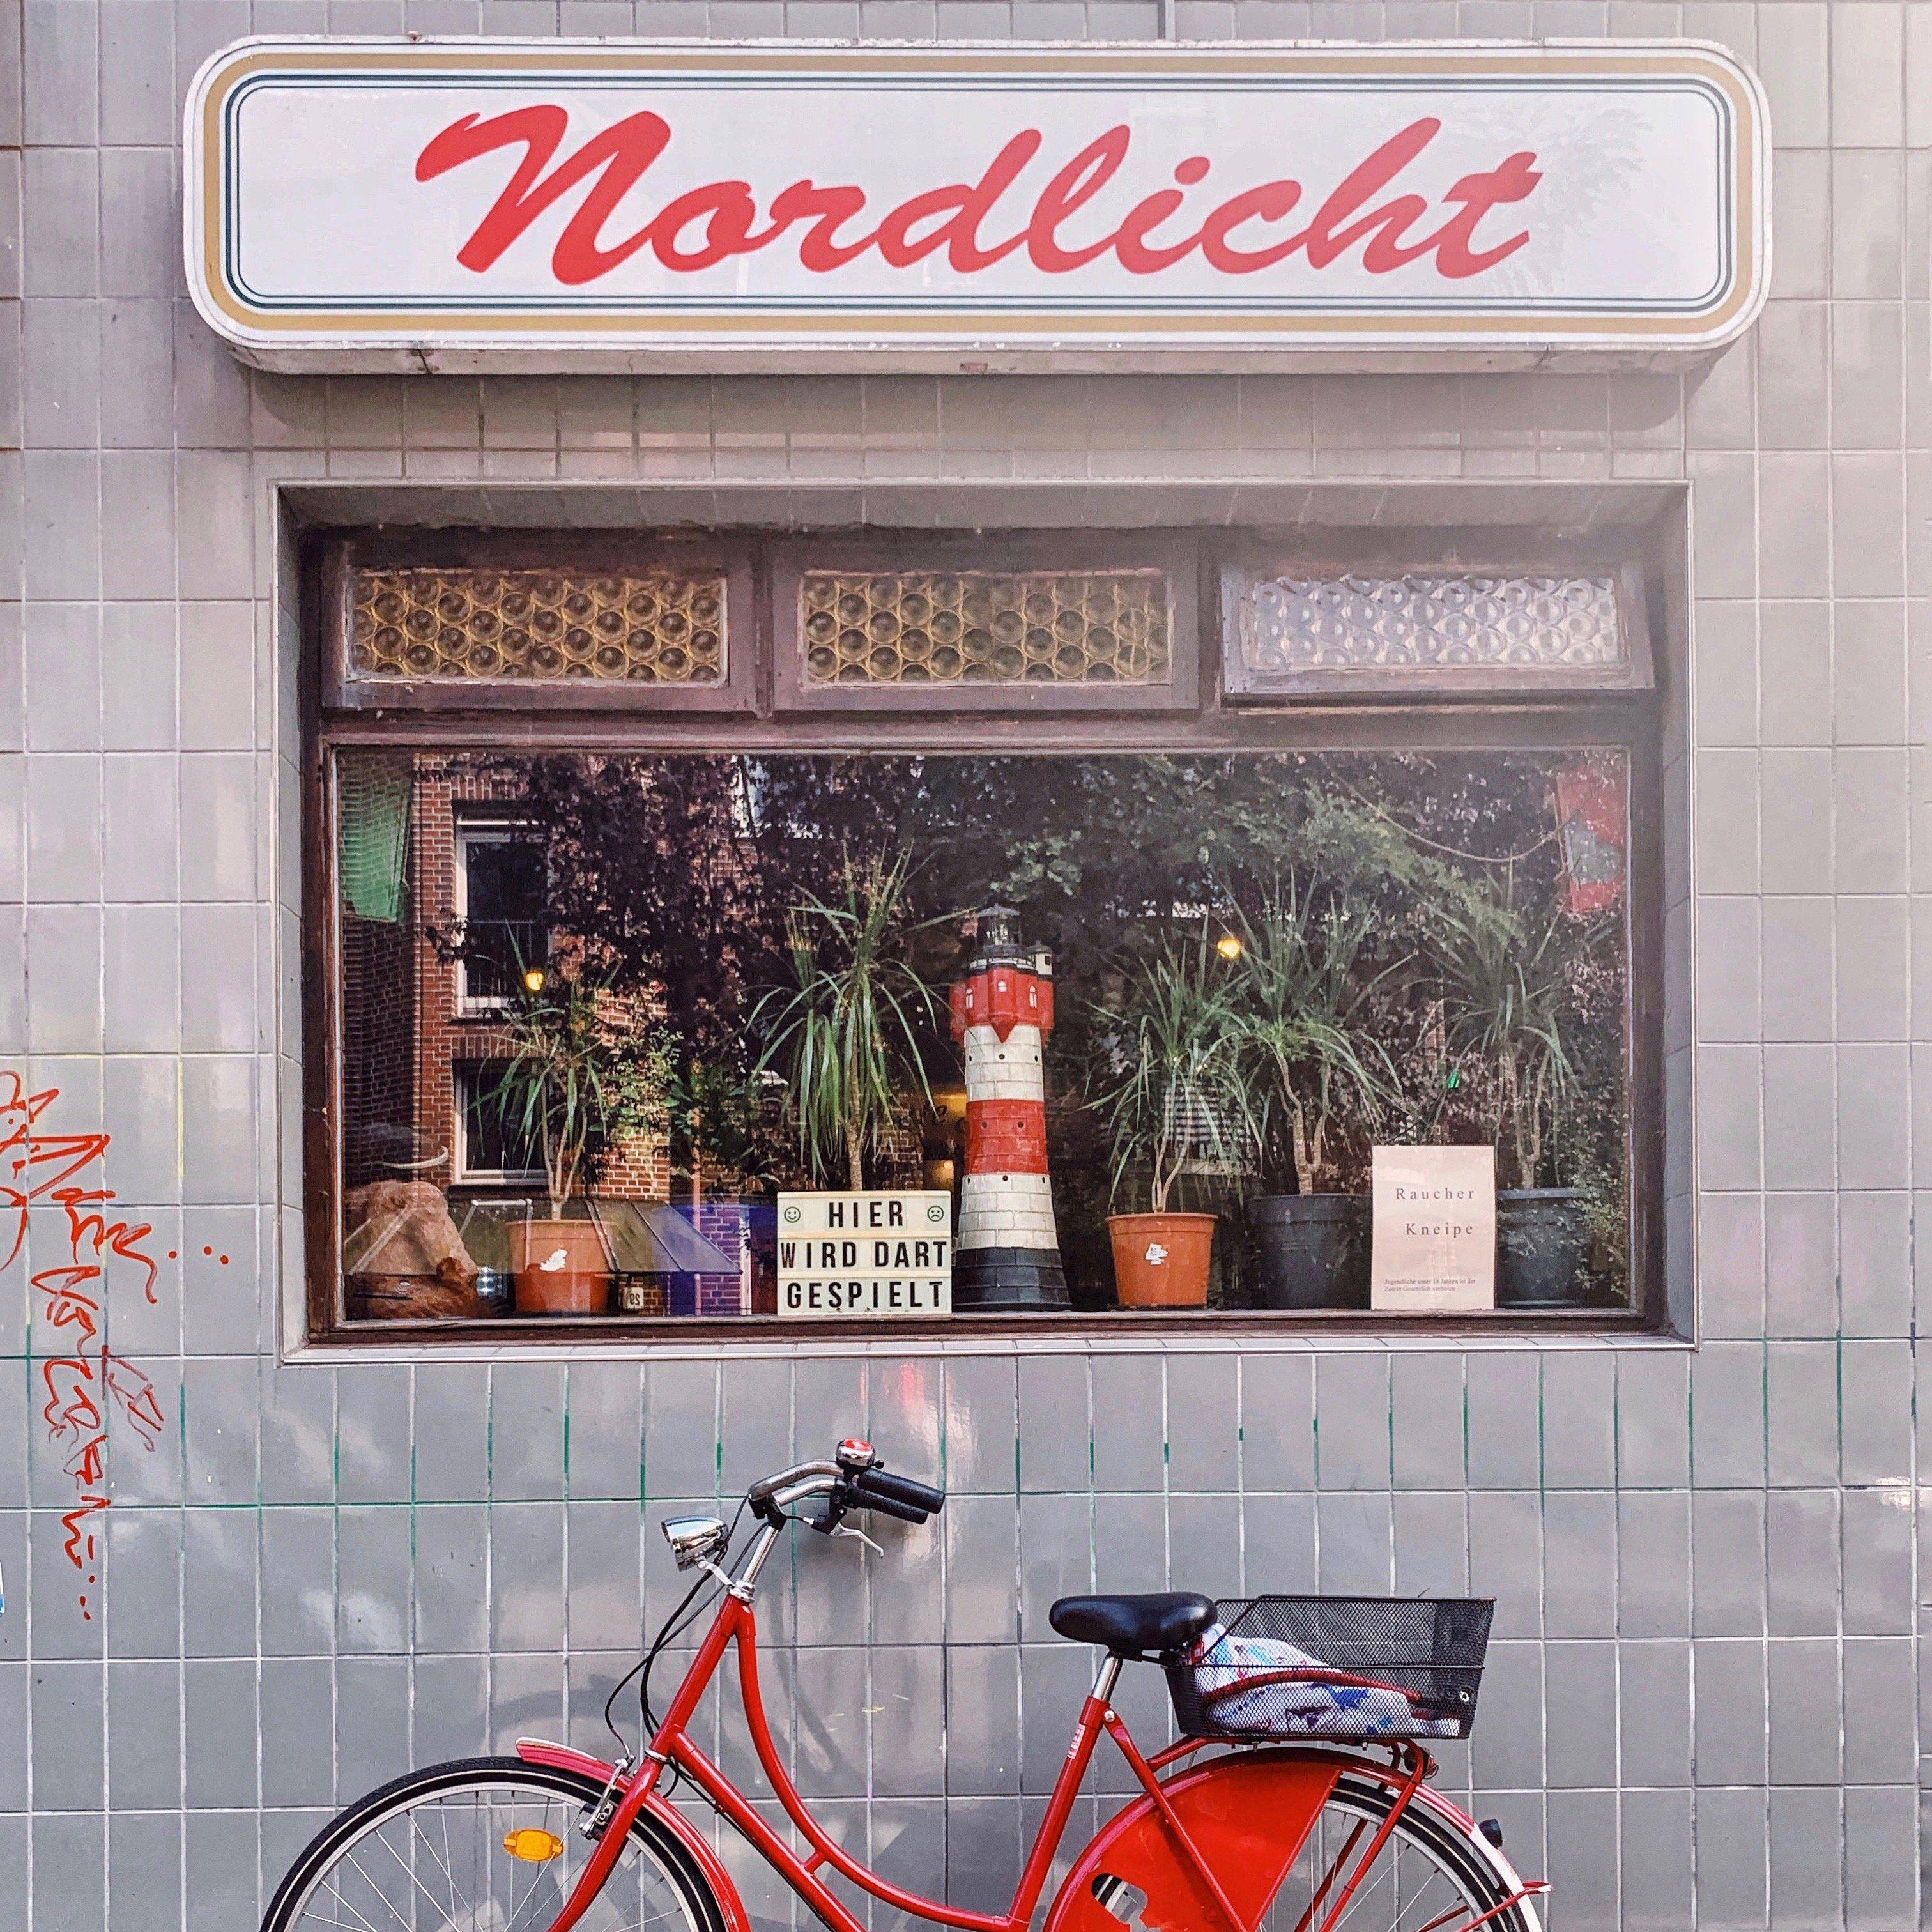 Street Photography In Hamburg: Wo Ihr Coole Botschaften Und Die Weisesten Worte Der Stadt Findet